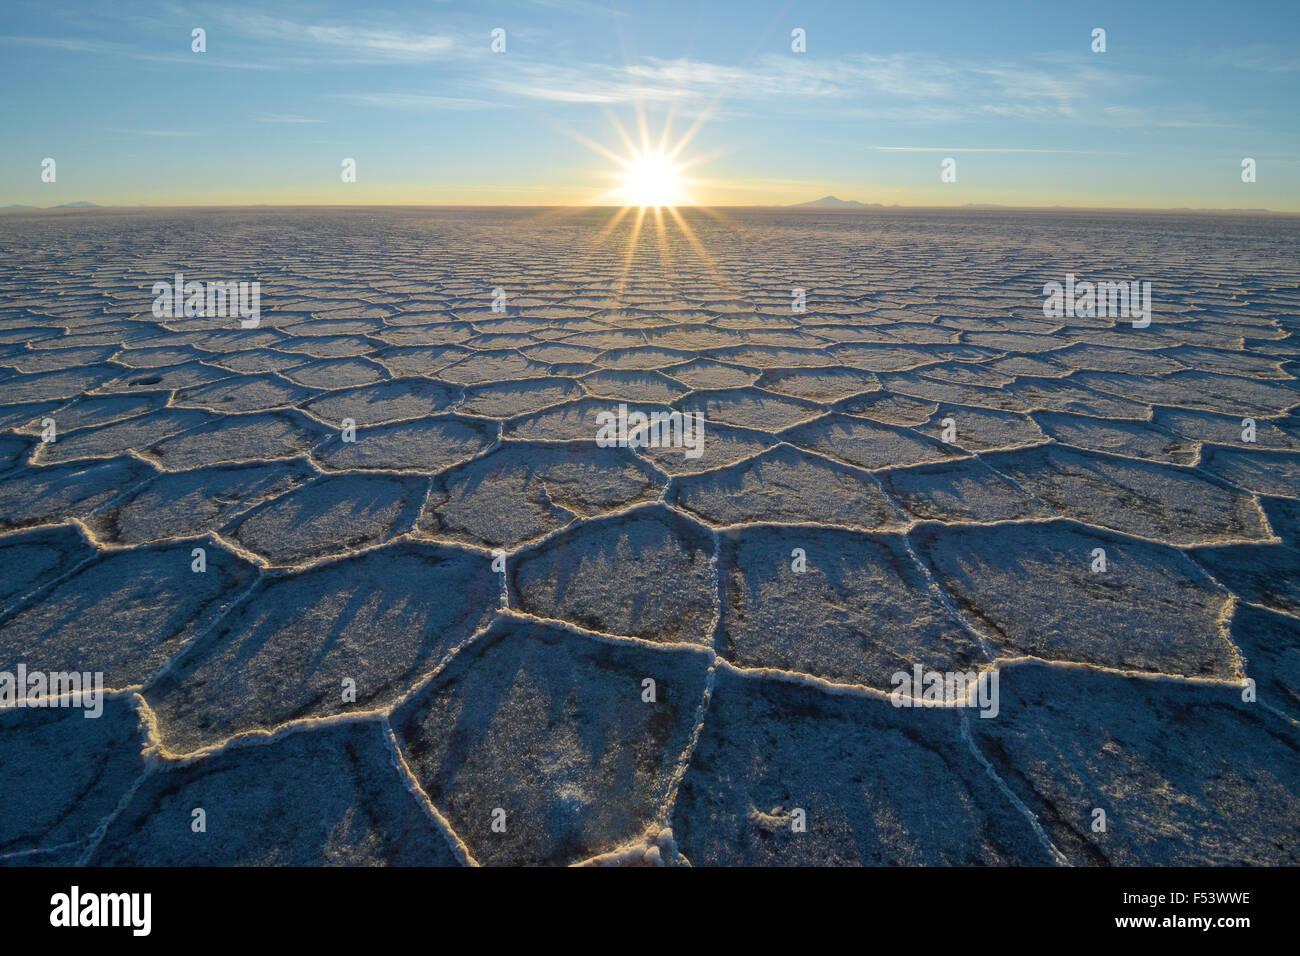 Wabe-Struktur mit Schatten auf einem Salzsee bei Sonnenaufgang, der weltweit größten Vorkommen an Lithium, Stockbild